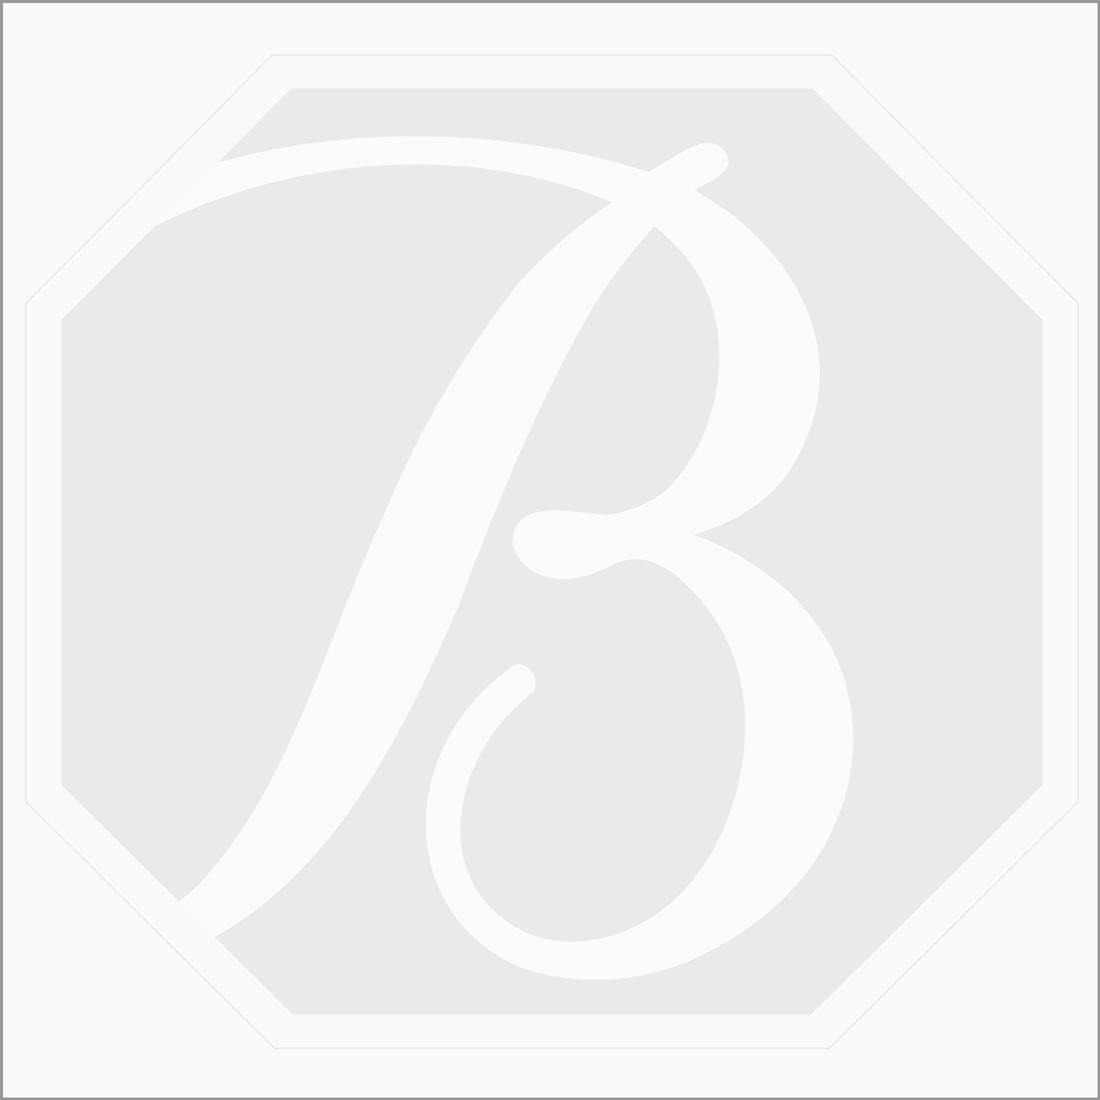 2 Pcs - Dark Green Tourmaline Rose Cuts - 4.04 ct. - 11.3 x 9.2 x 2 mmm & 11.4 x 9.7 x 2.5 mm (TRC1017)